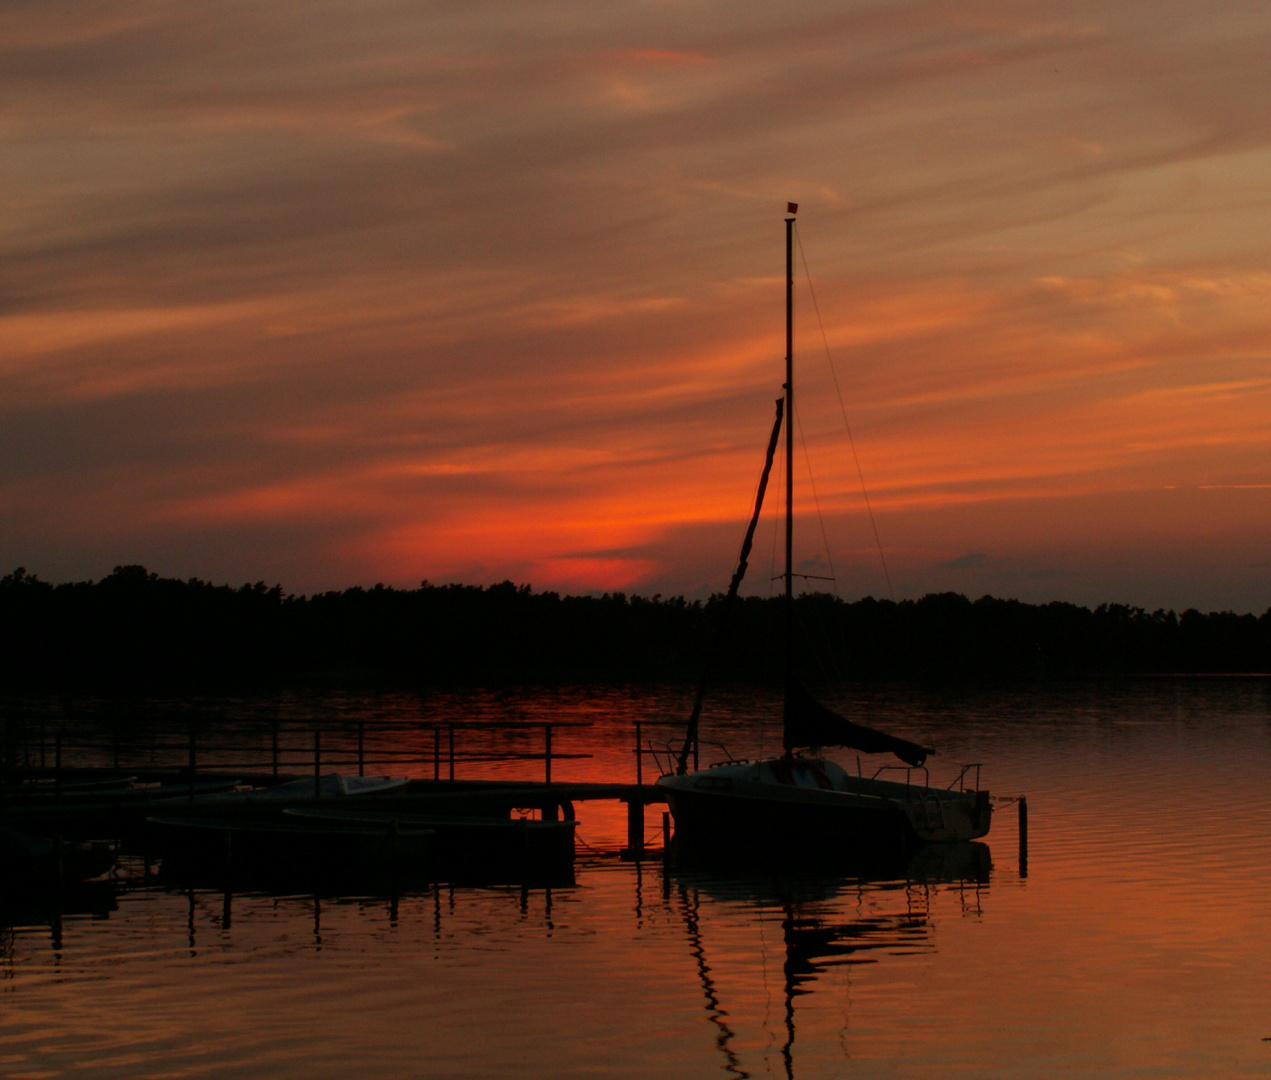 Kurz nach Sonnenuntergang am Arensee (Altmark)